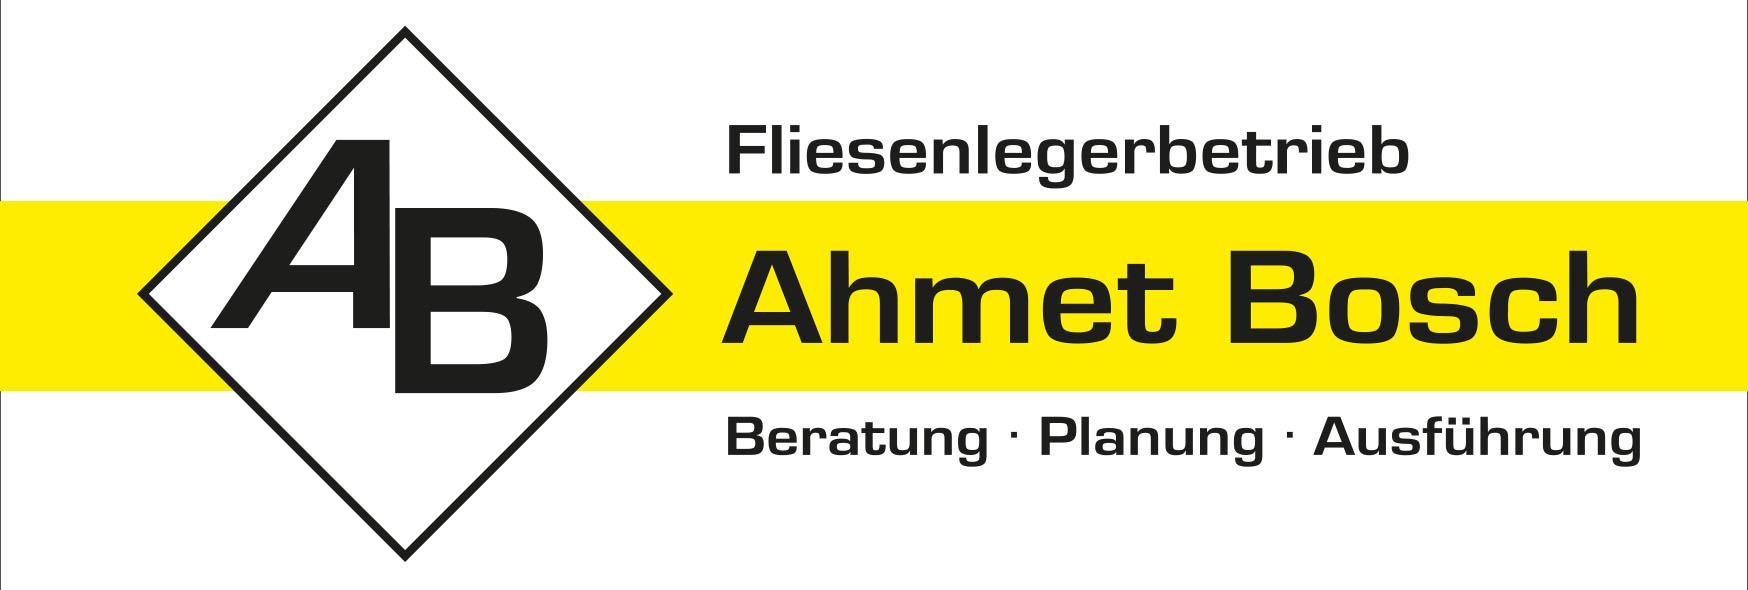 Ahmet Bosch Fliesenlegerfachbetrieb aus Schwaigern-Massenbach